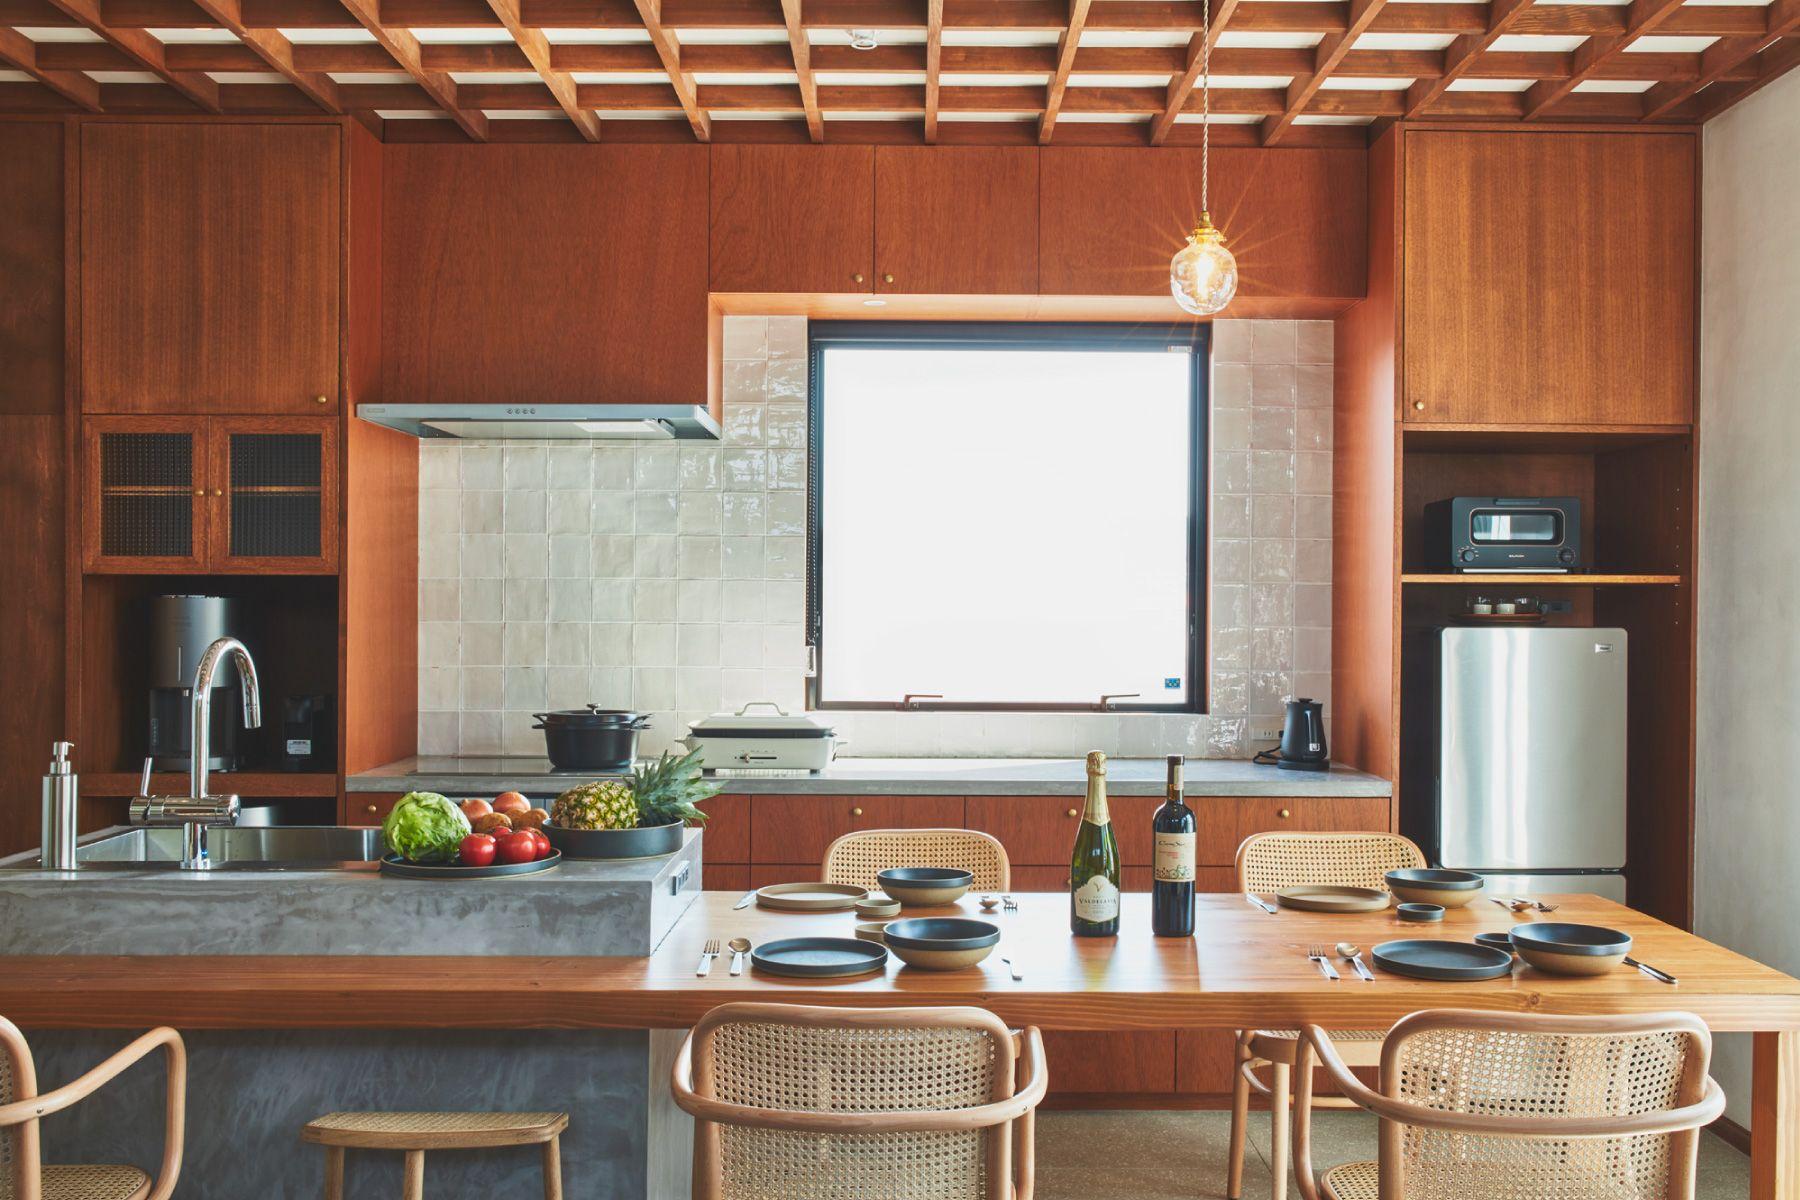 THE FLOW KAMAKURA (ザ フロウ カマクラ)SORA 3Fキッチン 上質な食器や家電付